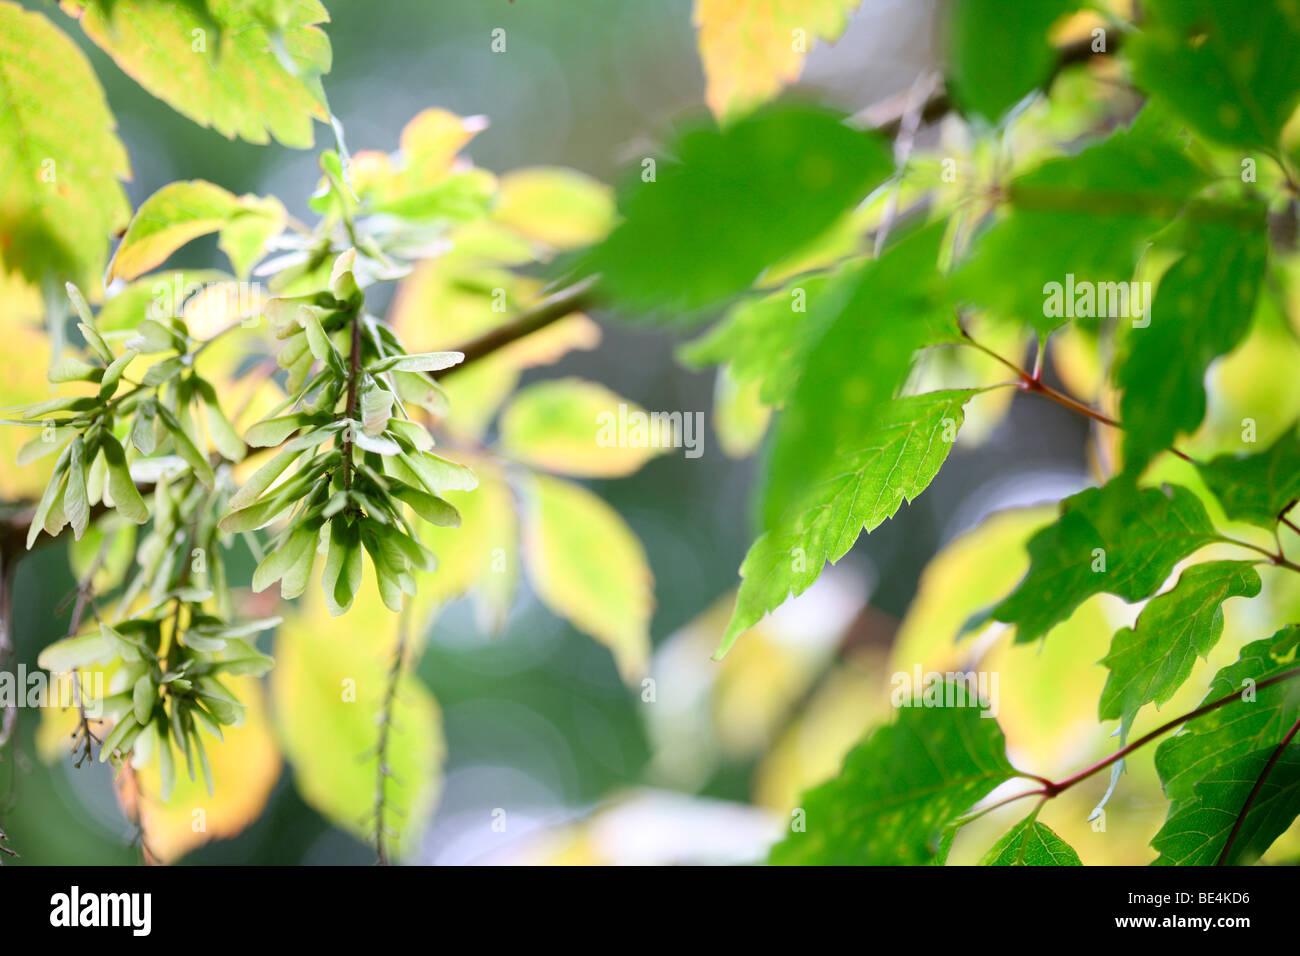 Hojas de vid Maple Acer Cissifolium cambio de temporada de verano a otoño - fotografía artística Imagen De Stock